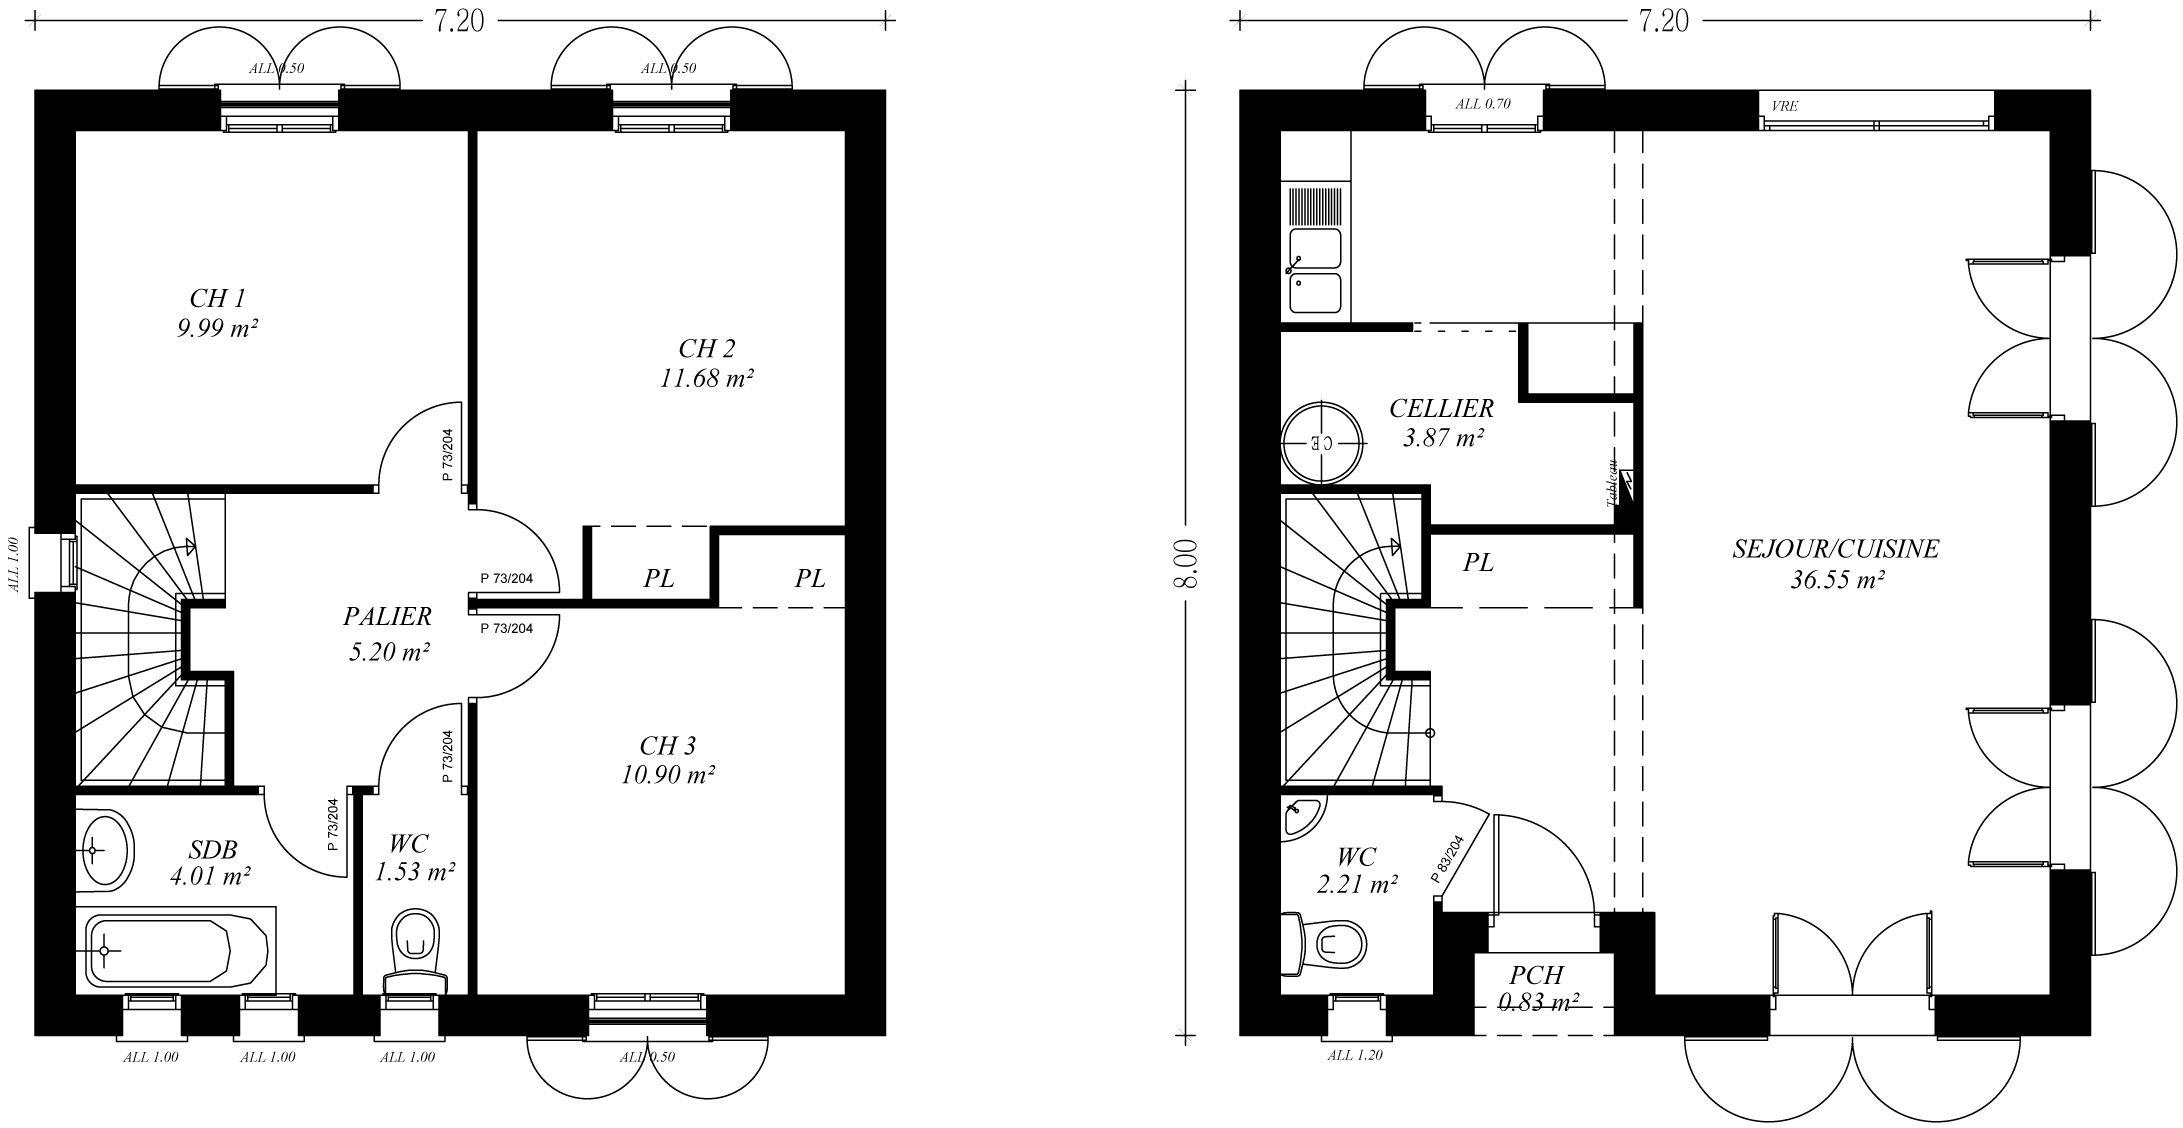 Plan Maison R 1 100m2 Rraffo Excellent 0m2 0